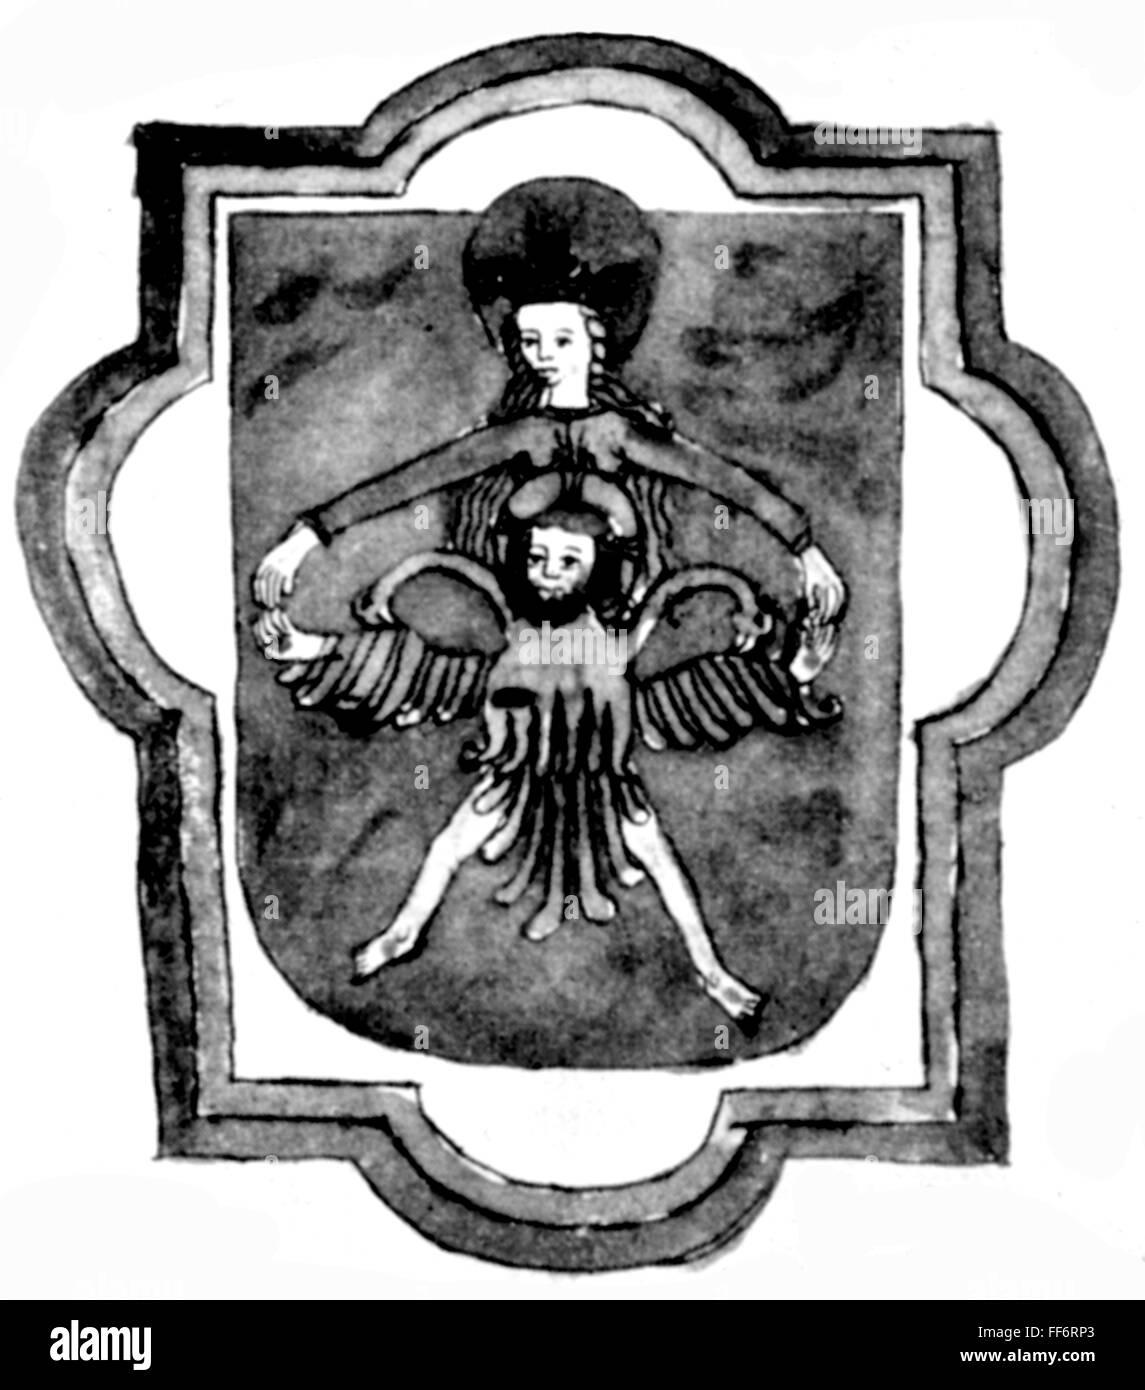 L'alchimie, pour le mercure, symbole alchimique, miniature, manuscrit du 16e siècle, Bibliothèque Photo Stock